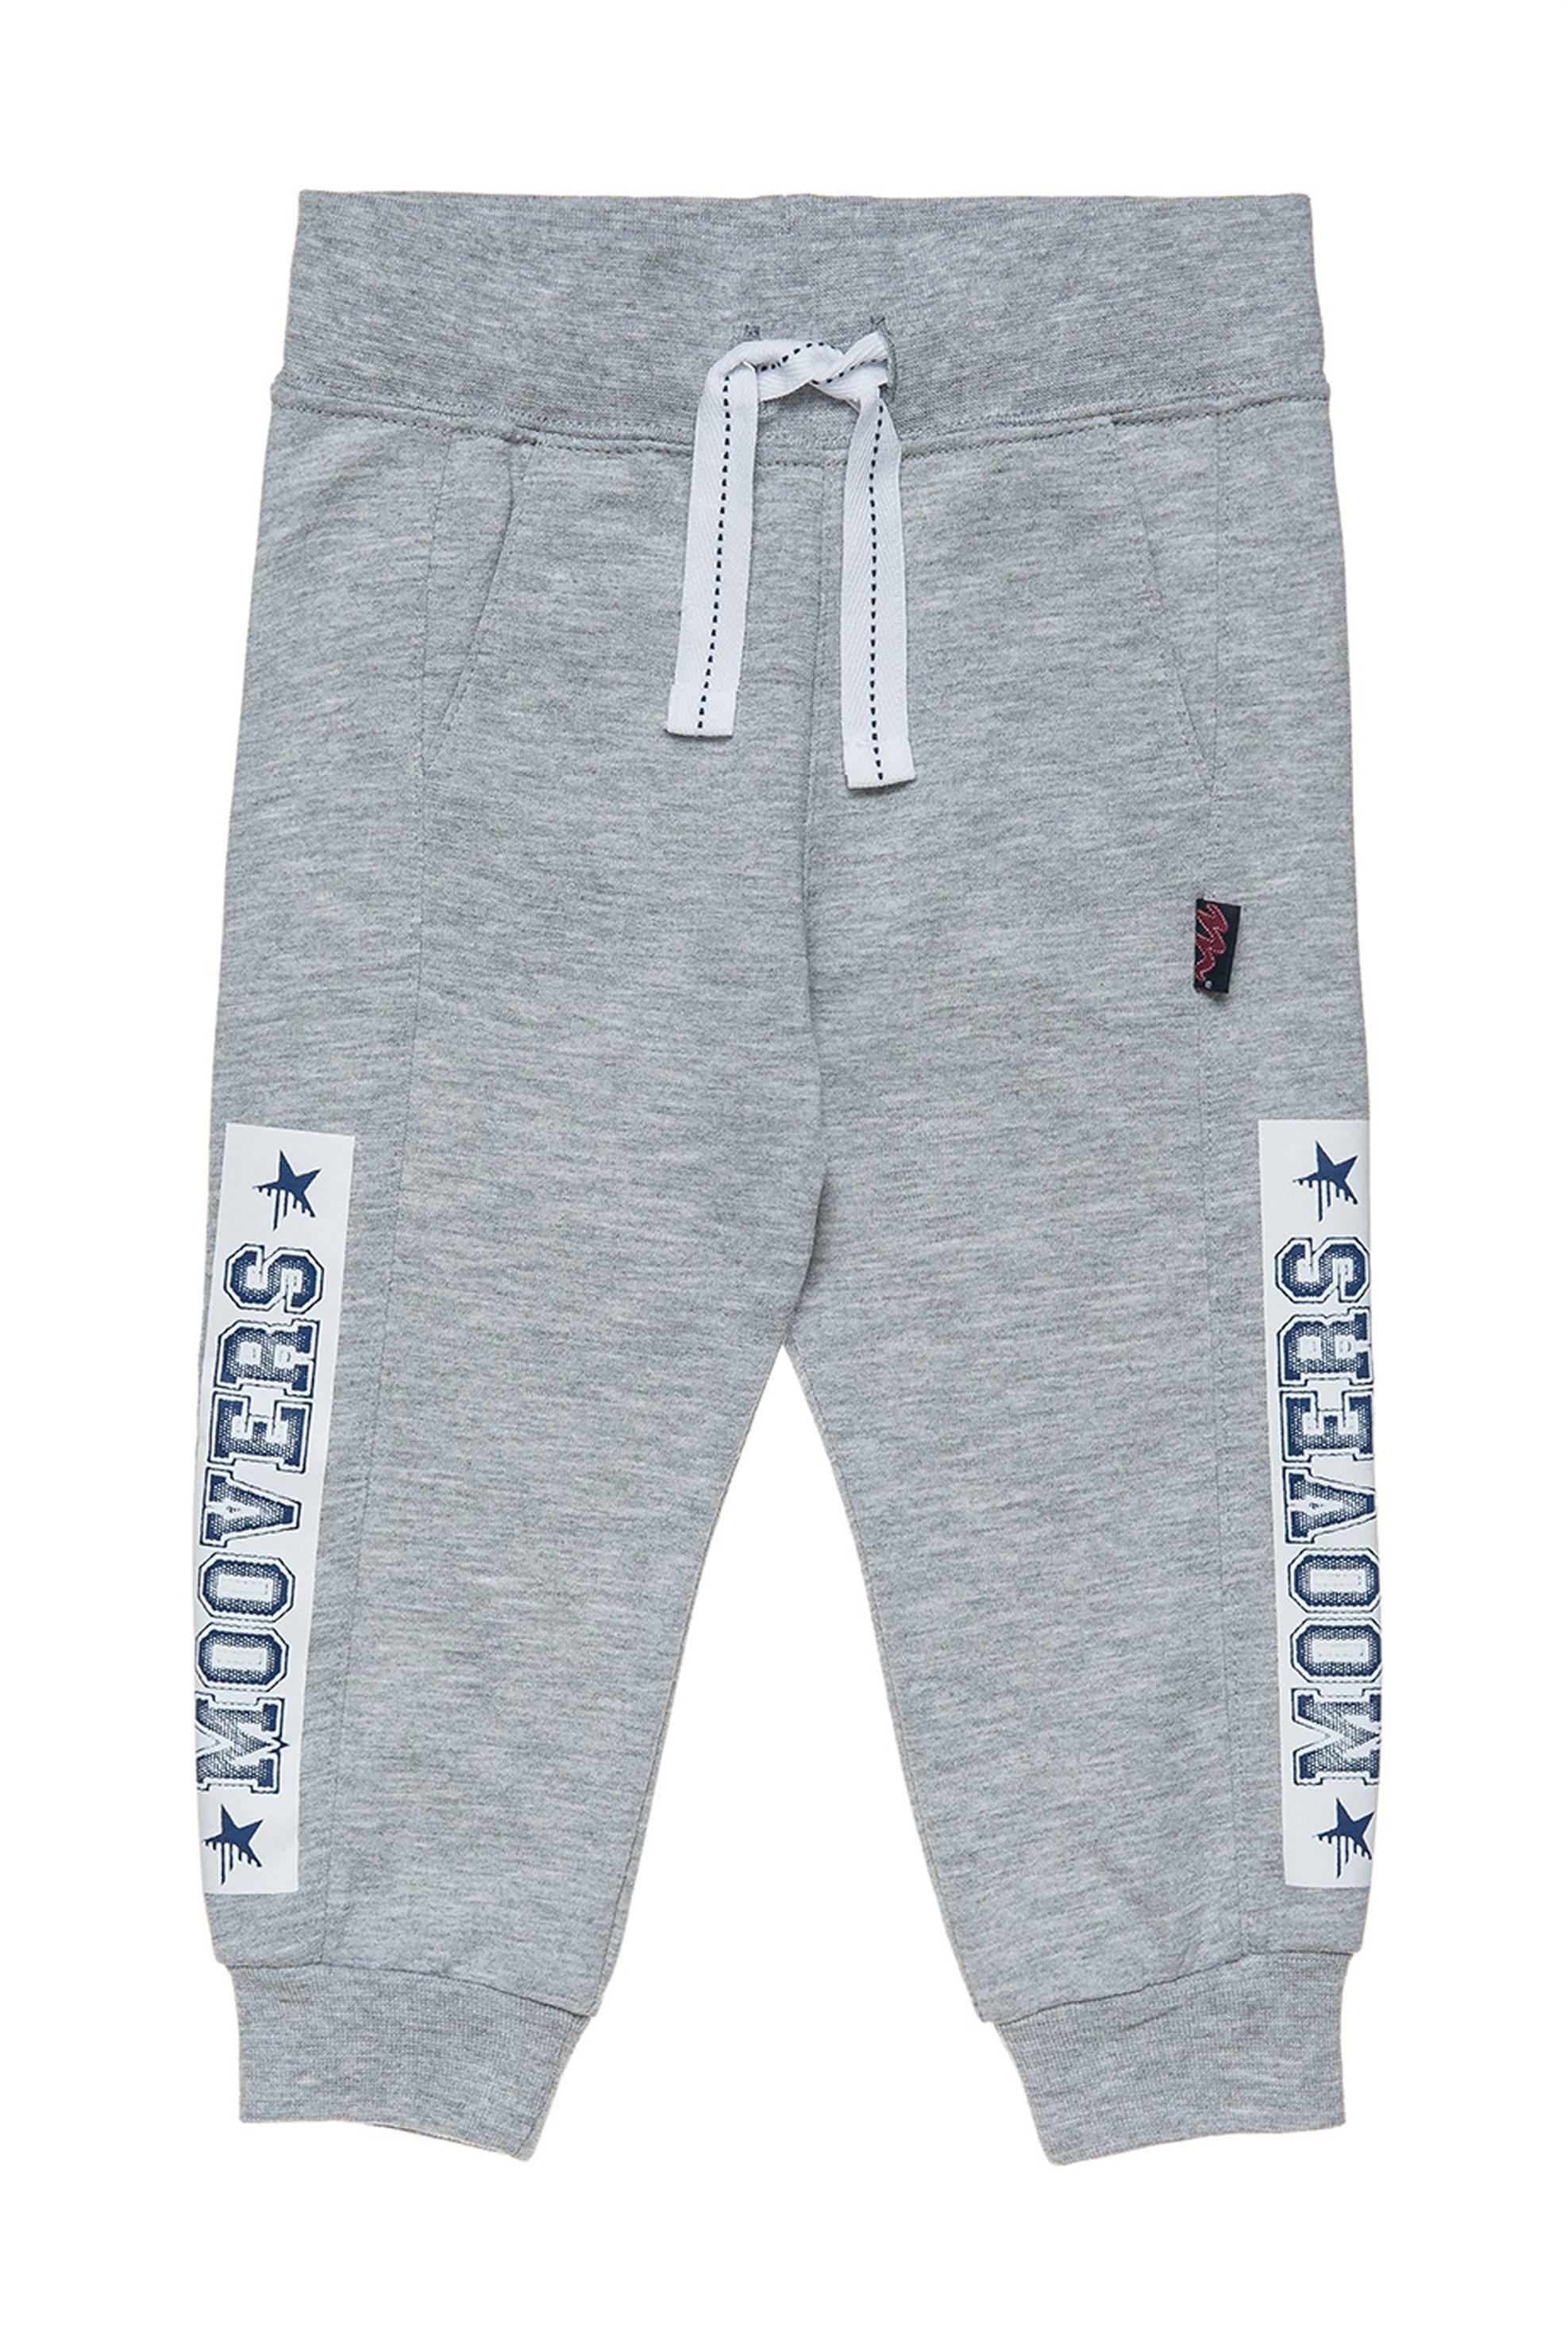 76c5e7f8288 Μπλουζάκια | Βρεφικά ρούχα (Ταξινόμηση: Δημοφιλέστερα) | Snif.gr